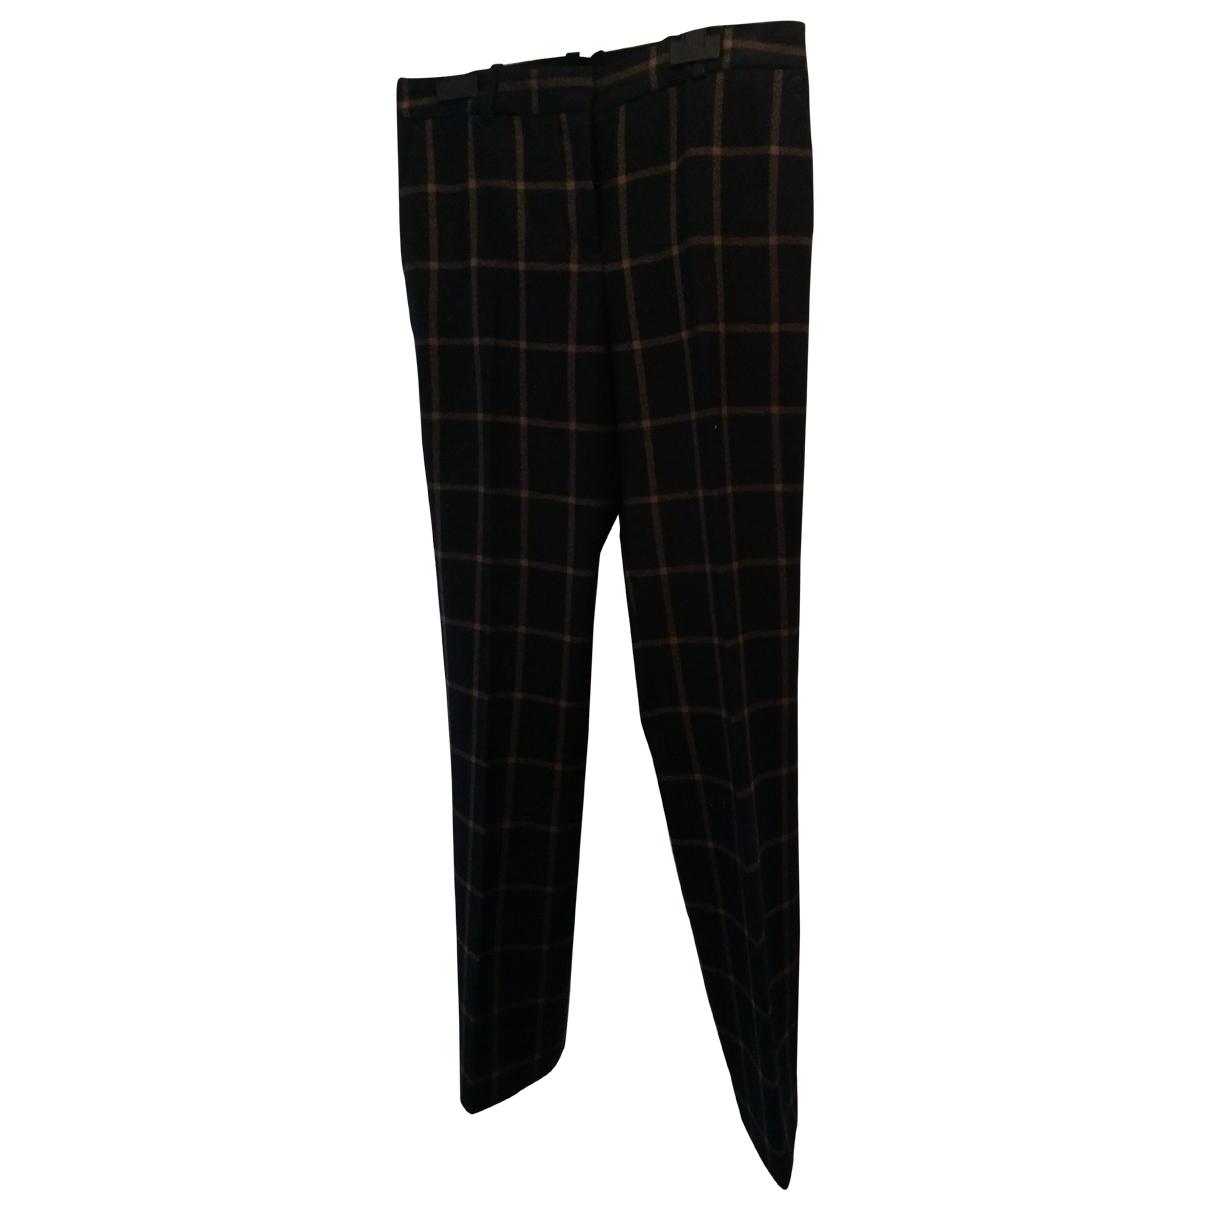 Pantalon de traje de Lana Boss